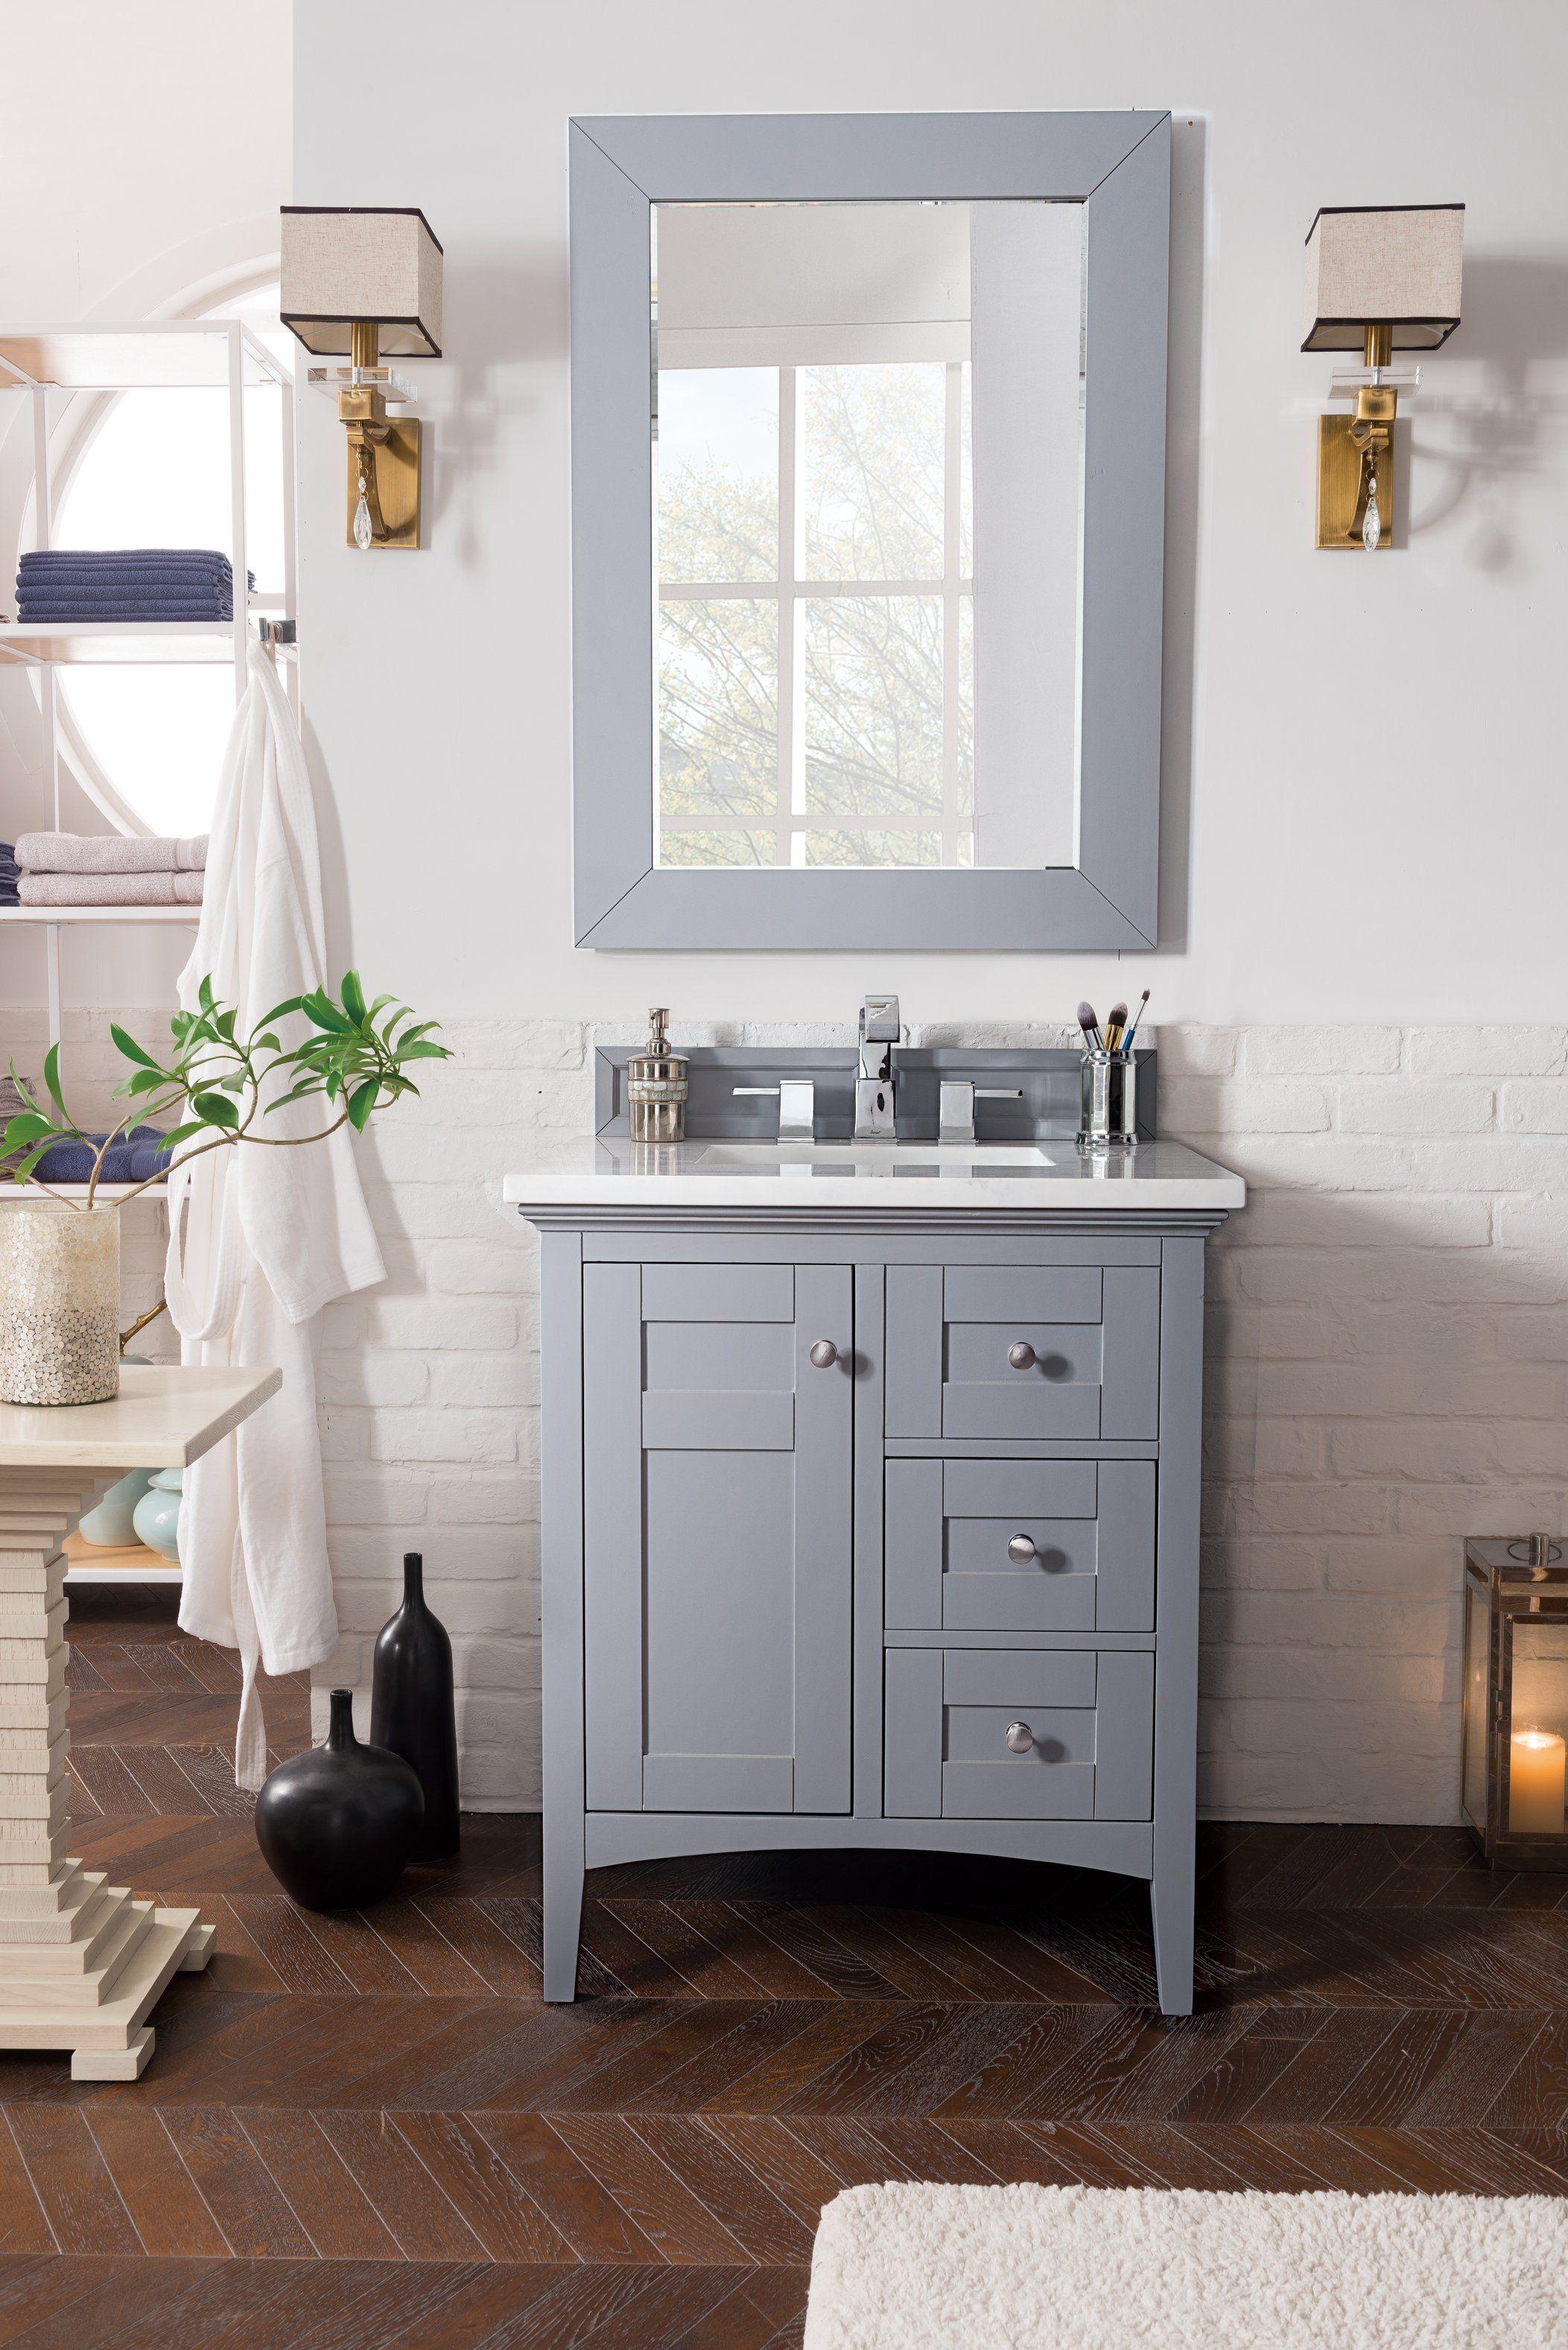 Palisades 30 Single Bathroom Vanity Single Sink Bathroom Vanity Bathroom Sink Vanity Single Bathroom Vanity